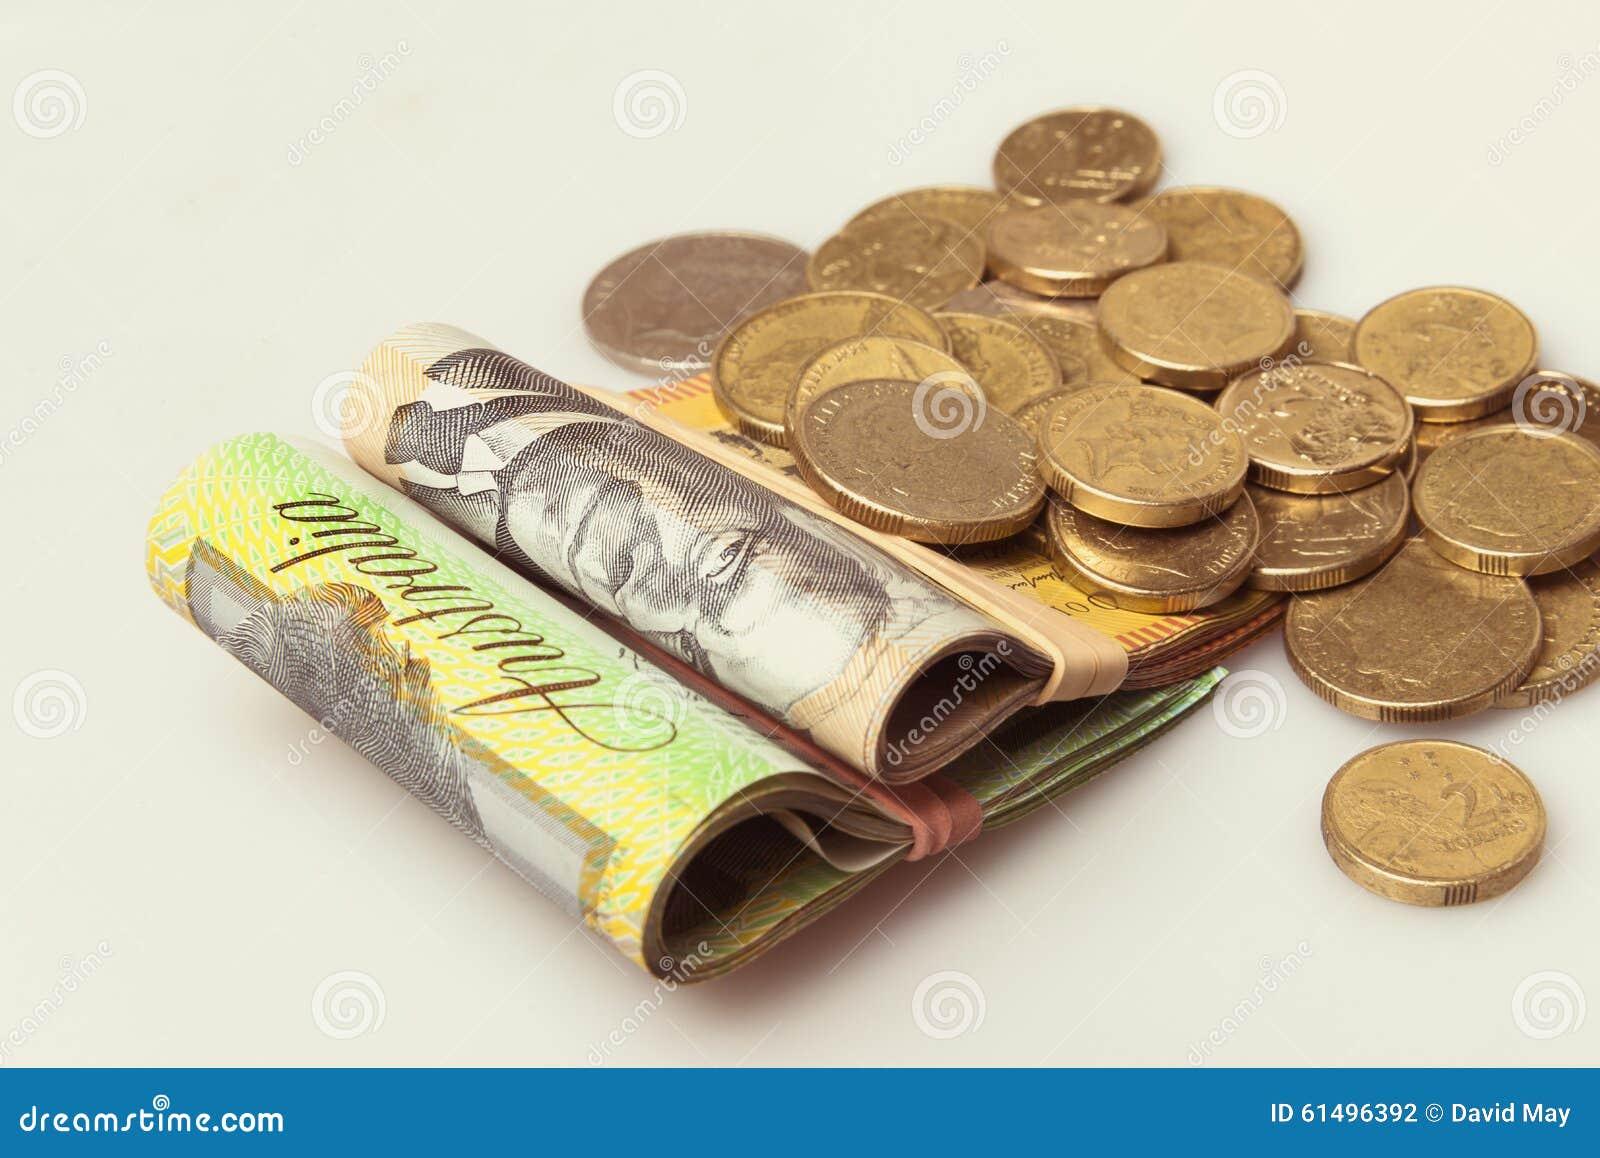 Dinheiro australiano notas e moedas dobradas